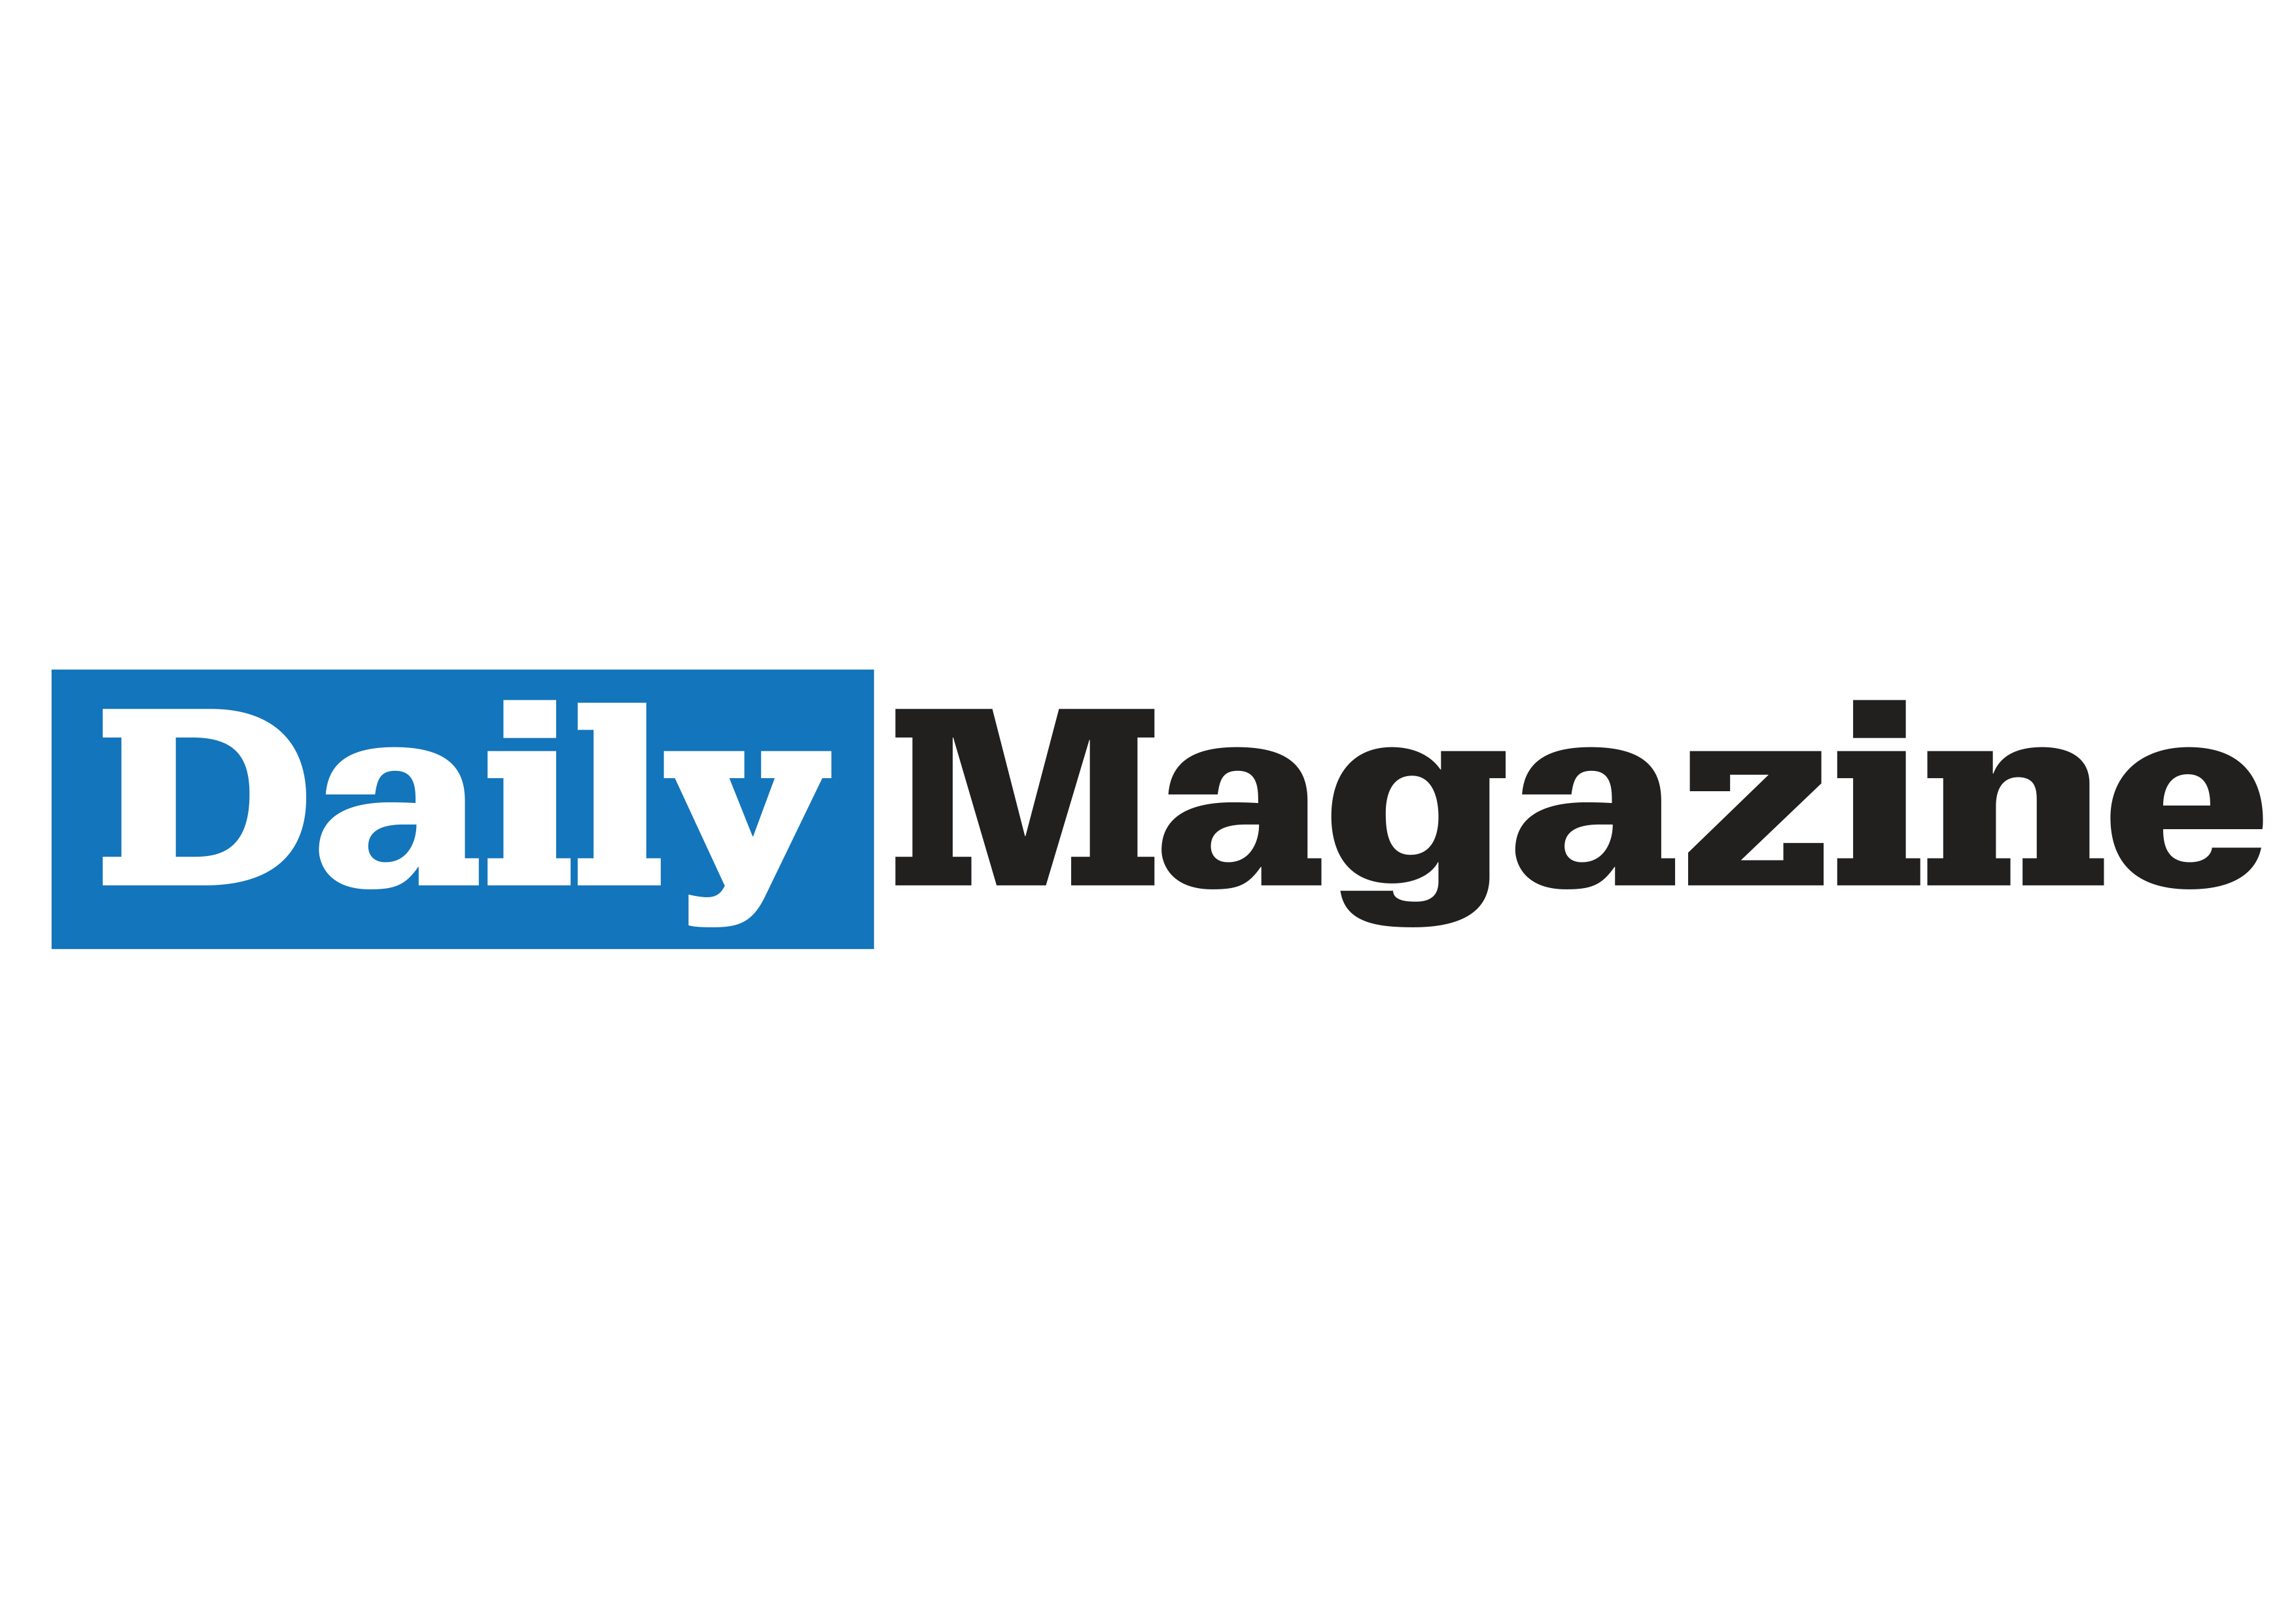 Daily Magazine